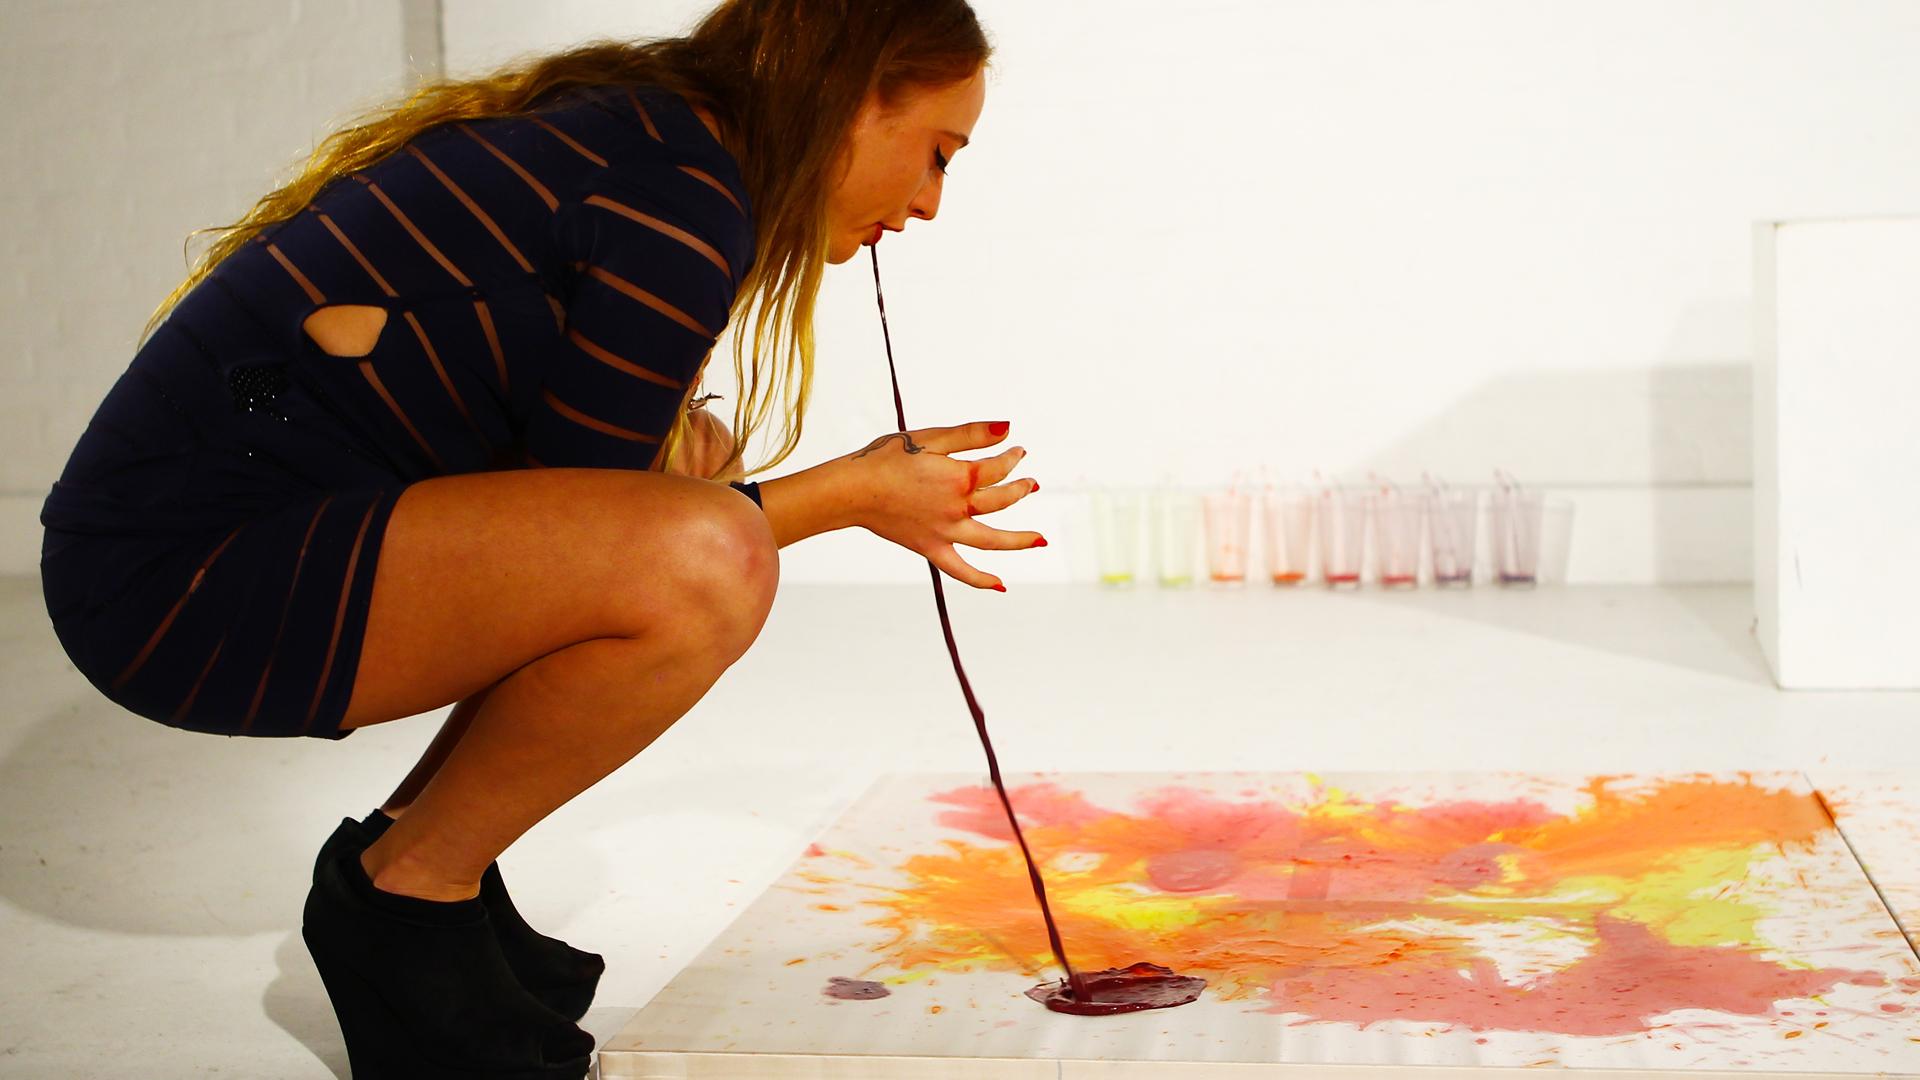 Millie Brown Vomit Artist Featured In Ripleys